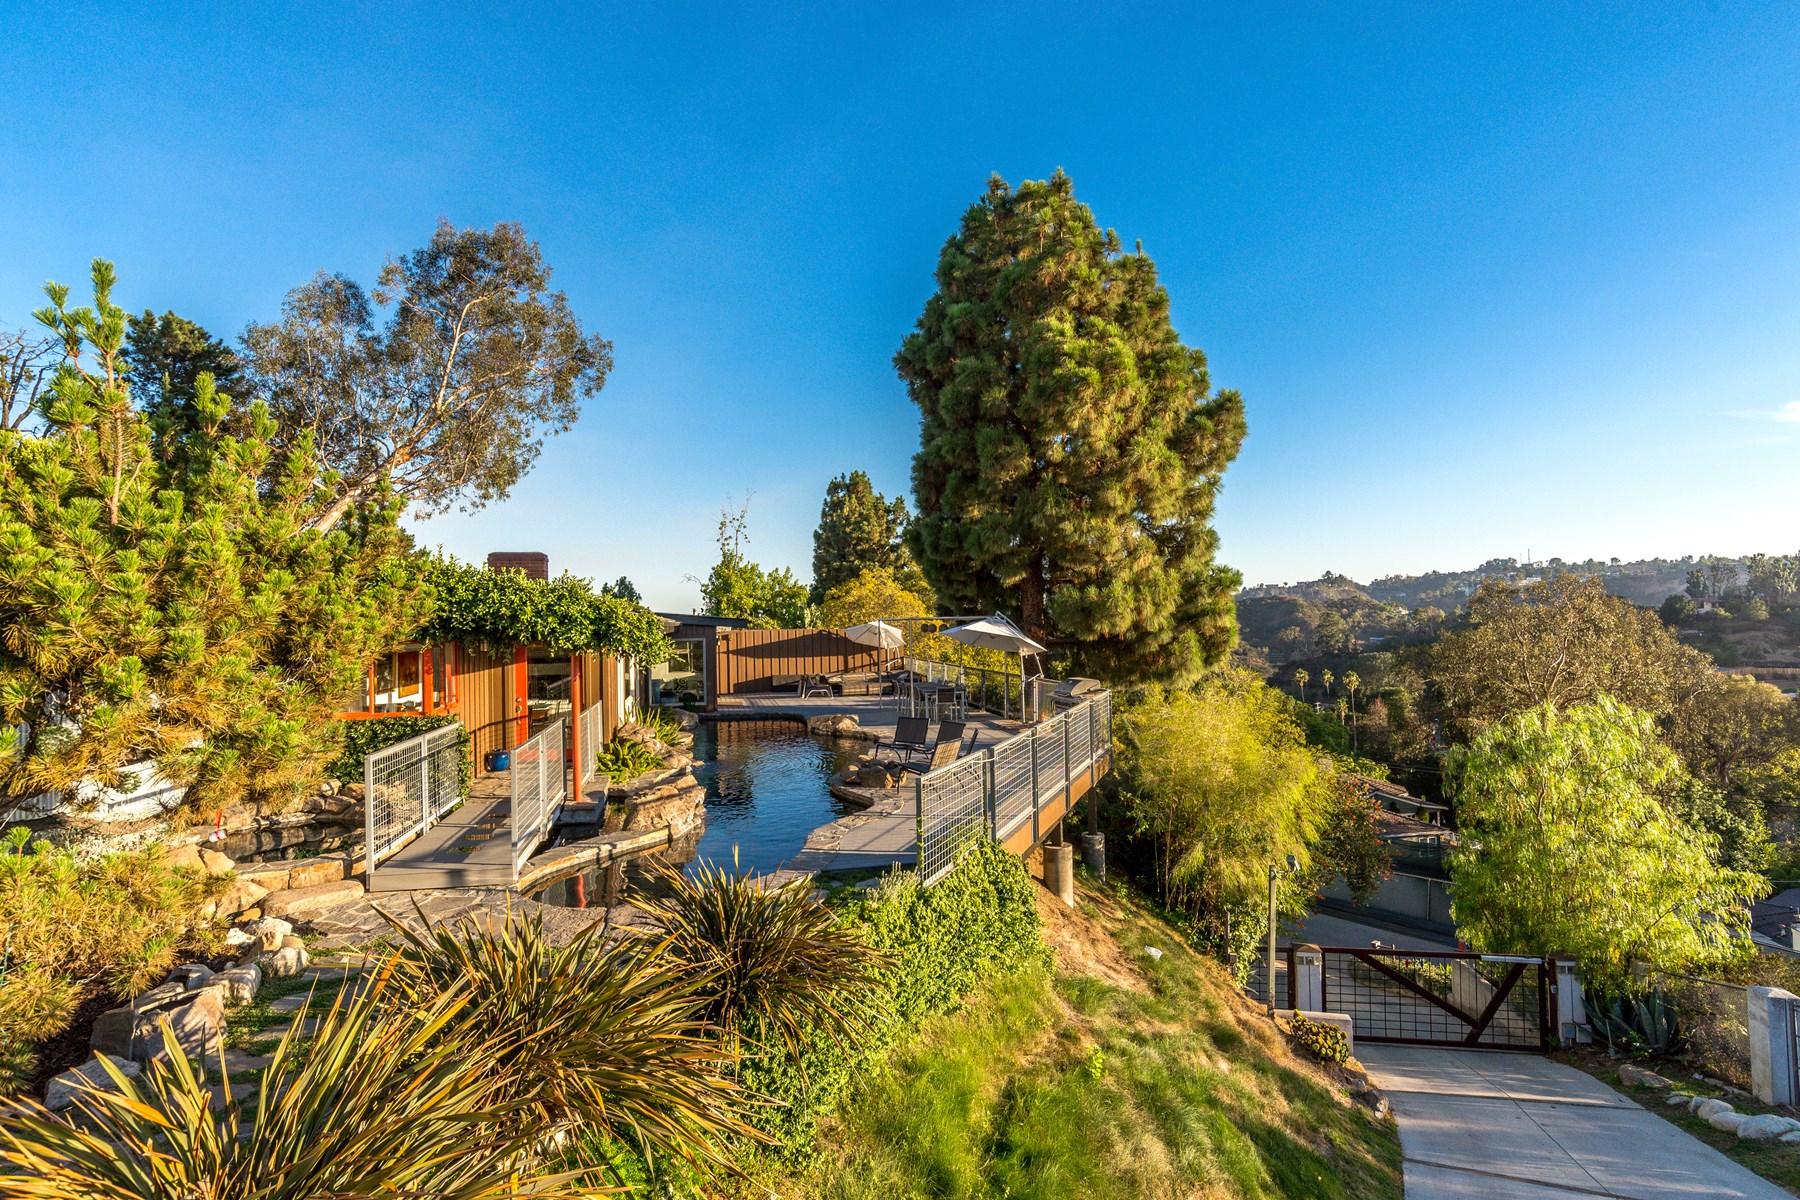 Частный односемейный дом для того Продажа на Hollywood Hills Hideaway 2970 Briar Knoll Drive Hollywood Hills, Los Angeles, Калифорния, 90046 Соединенные Штаты